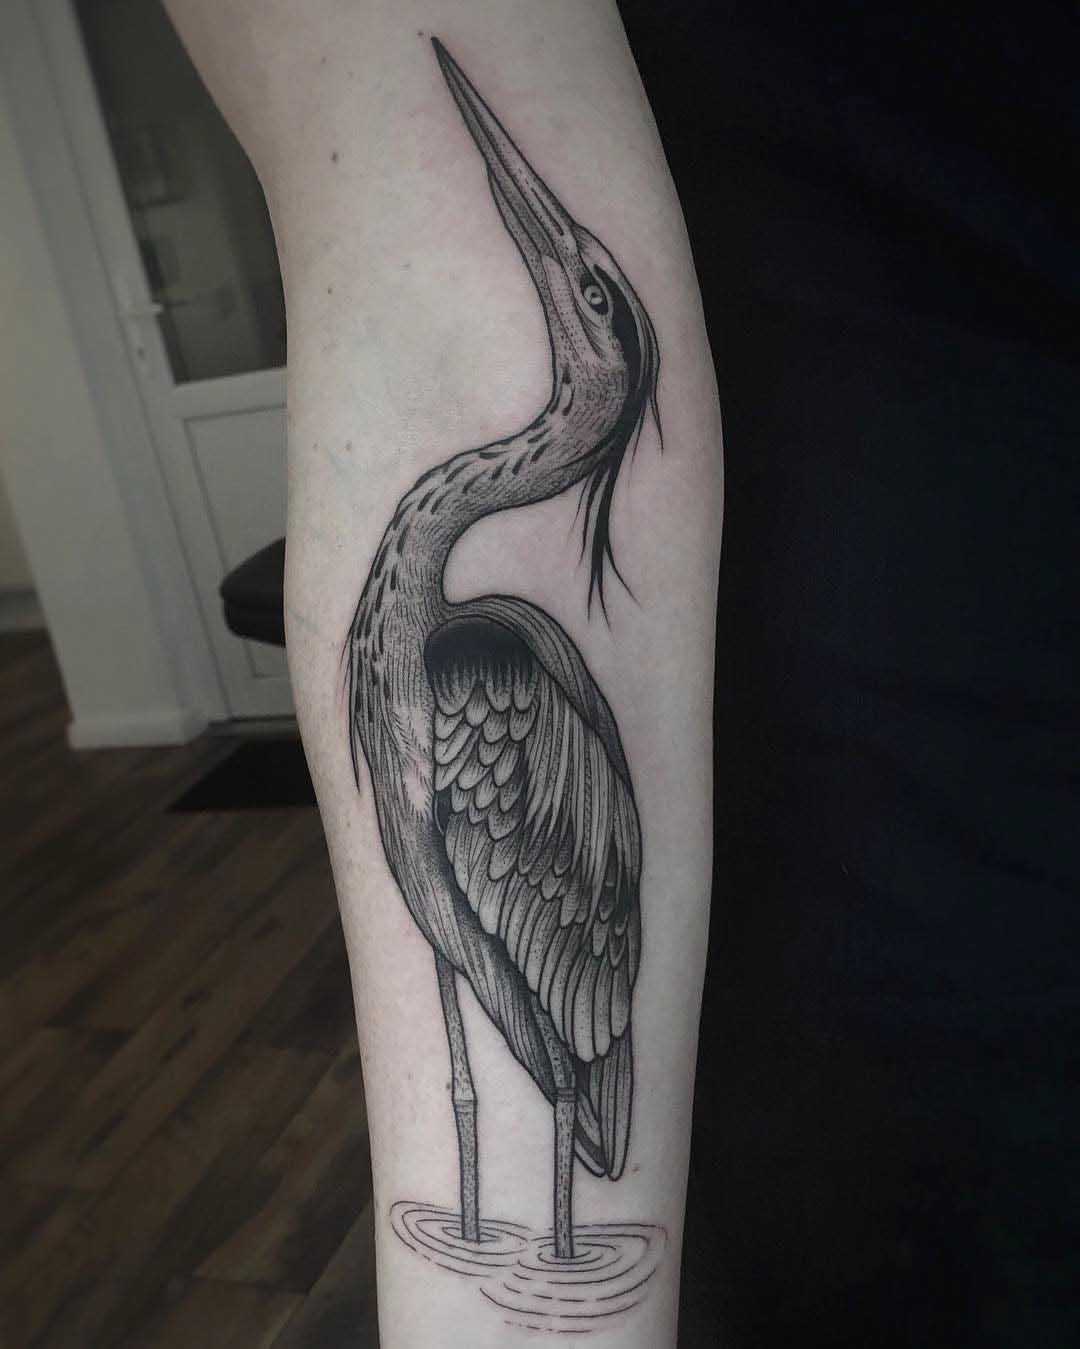 Tatto heron on arm